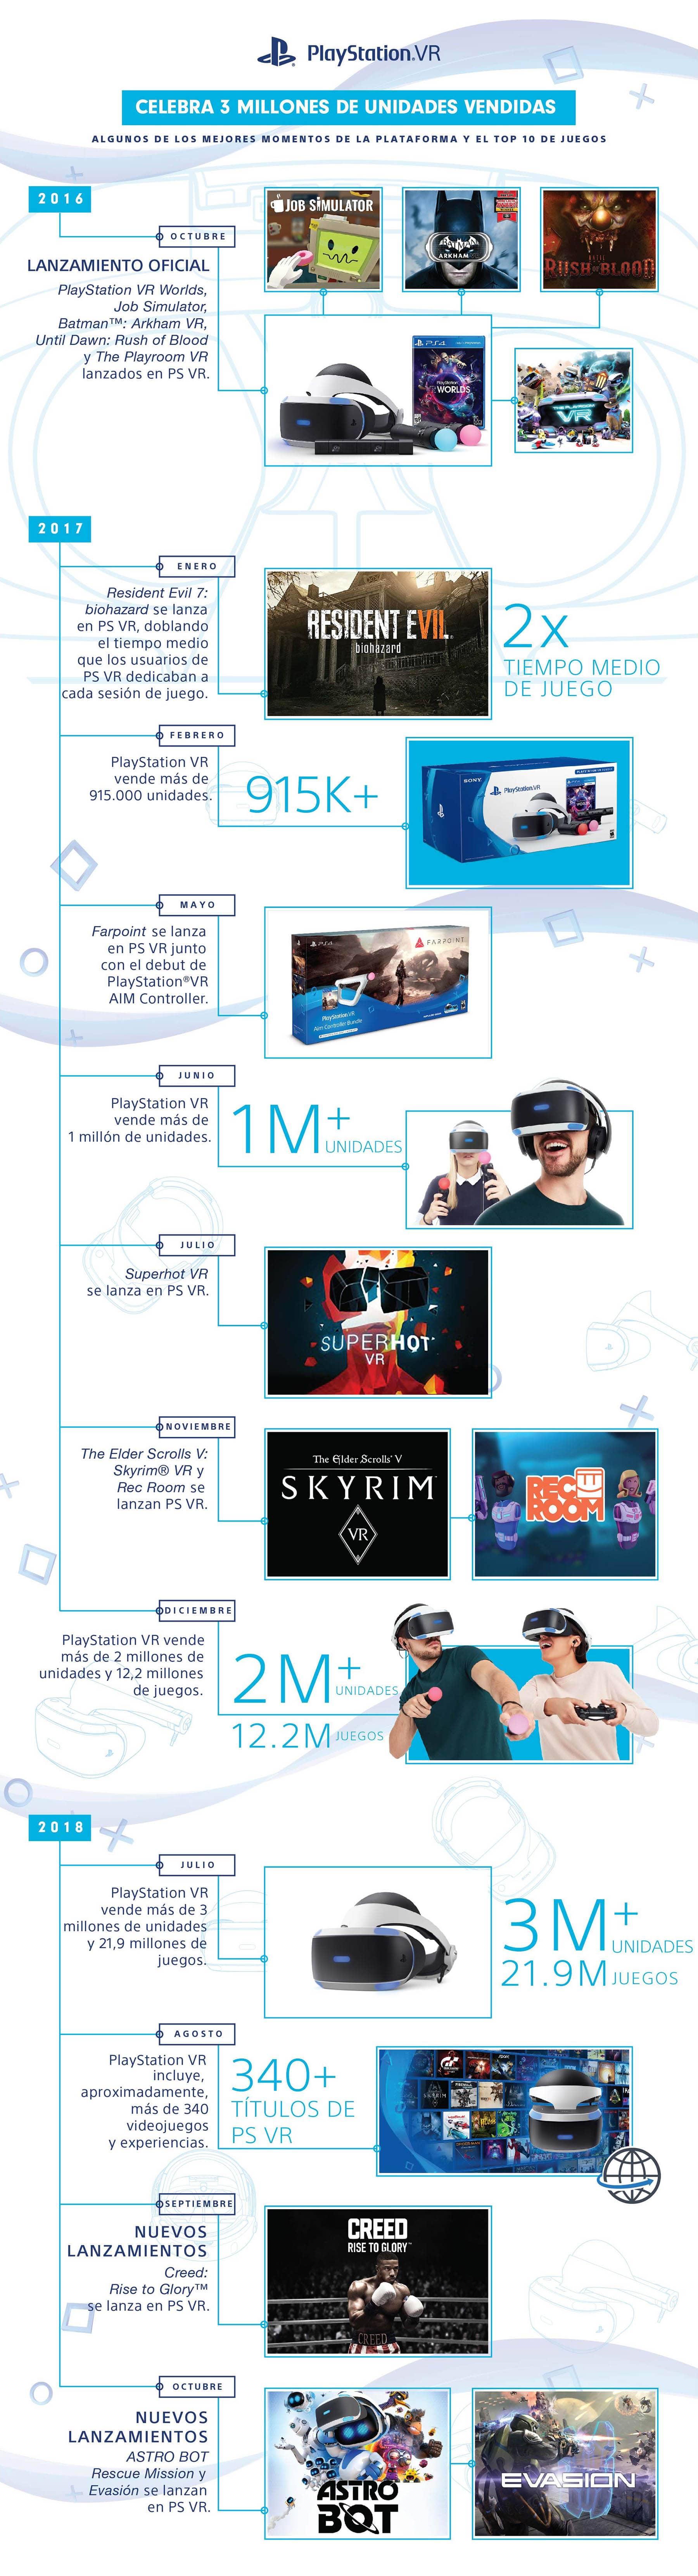 Sony repasa en una infografía los dos años de PlayStation VR